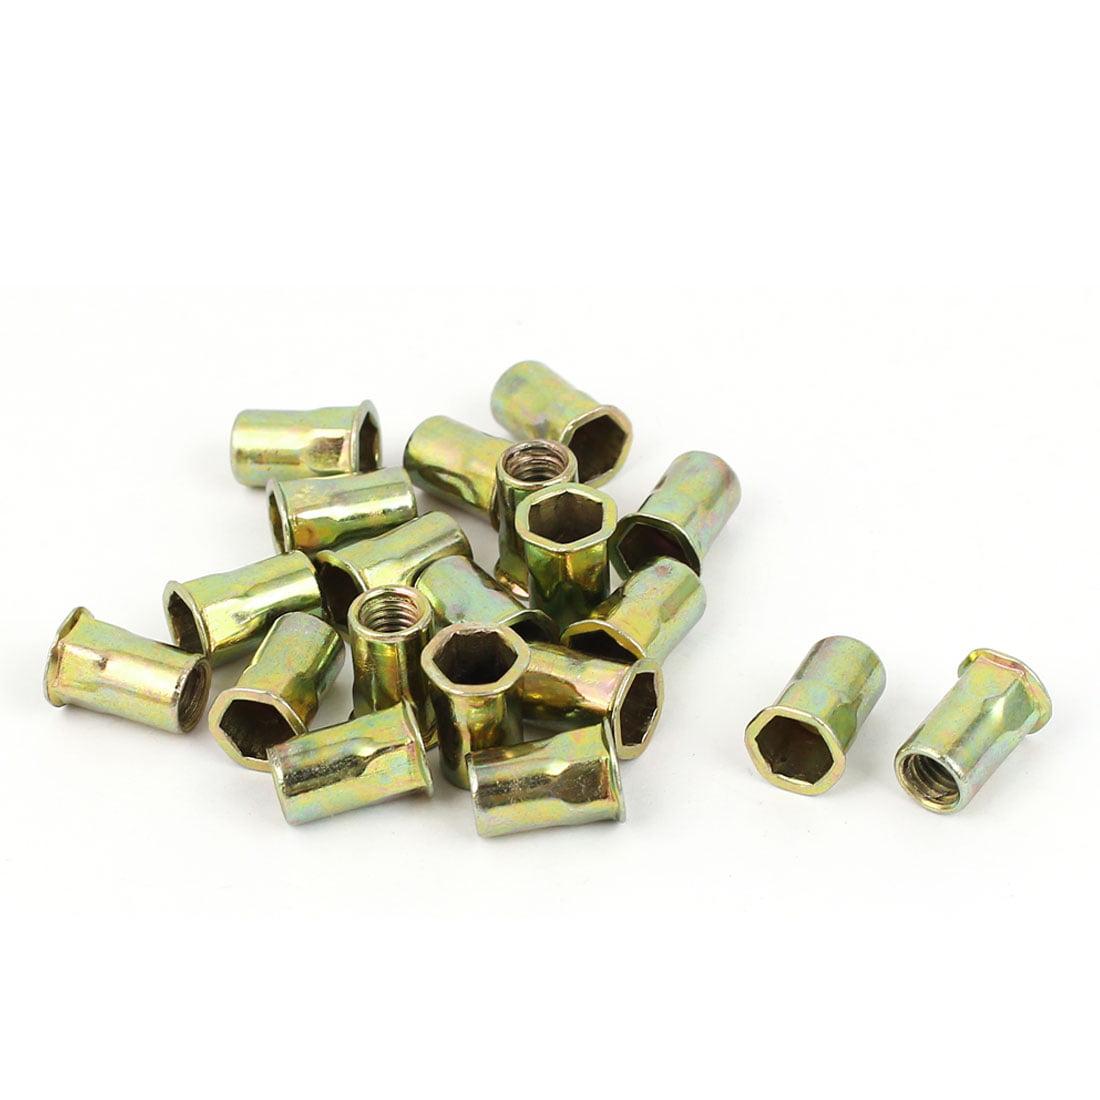 M5 Flat Head Rivet Nut  Insert Nutsert Gold Tone 20pcs